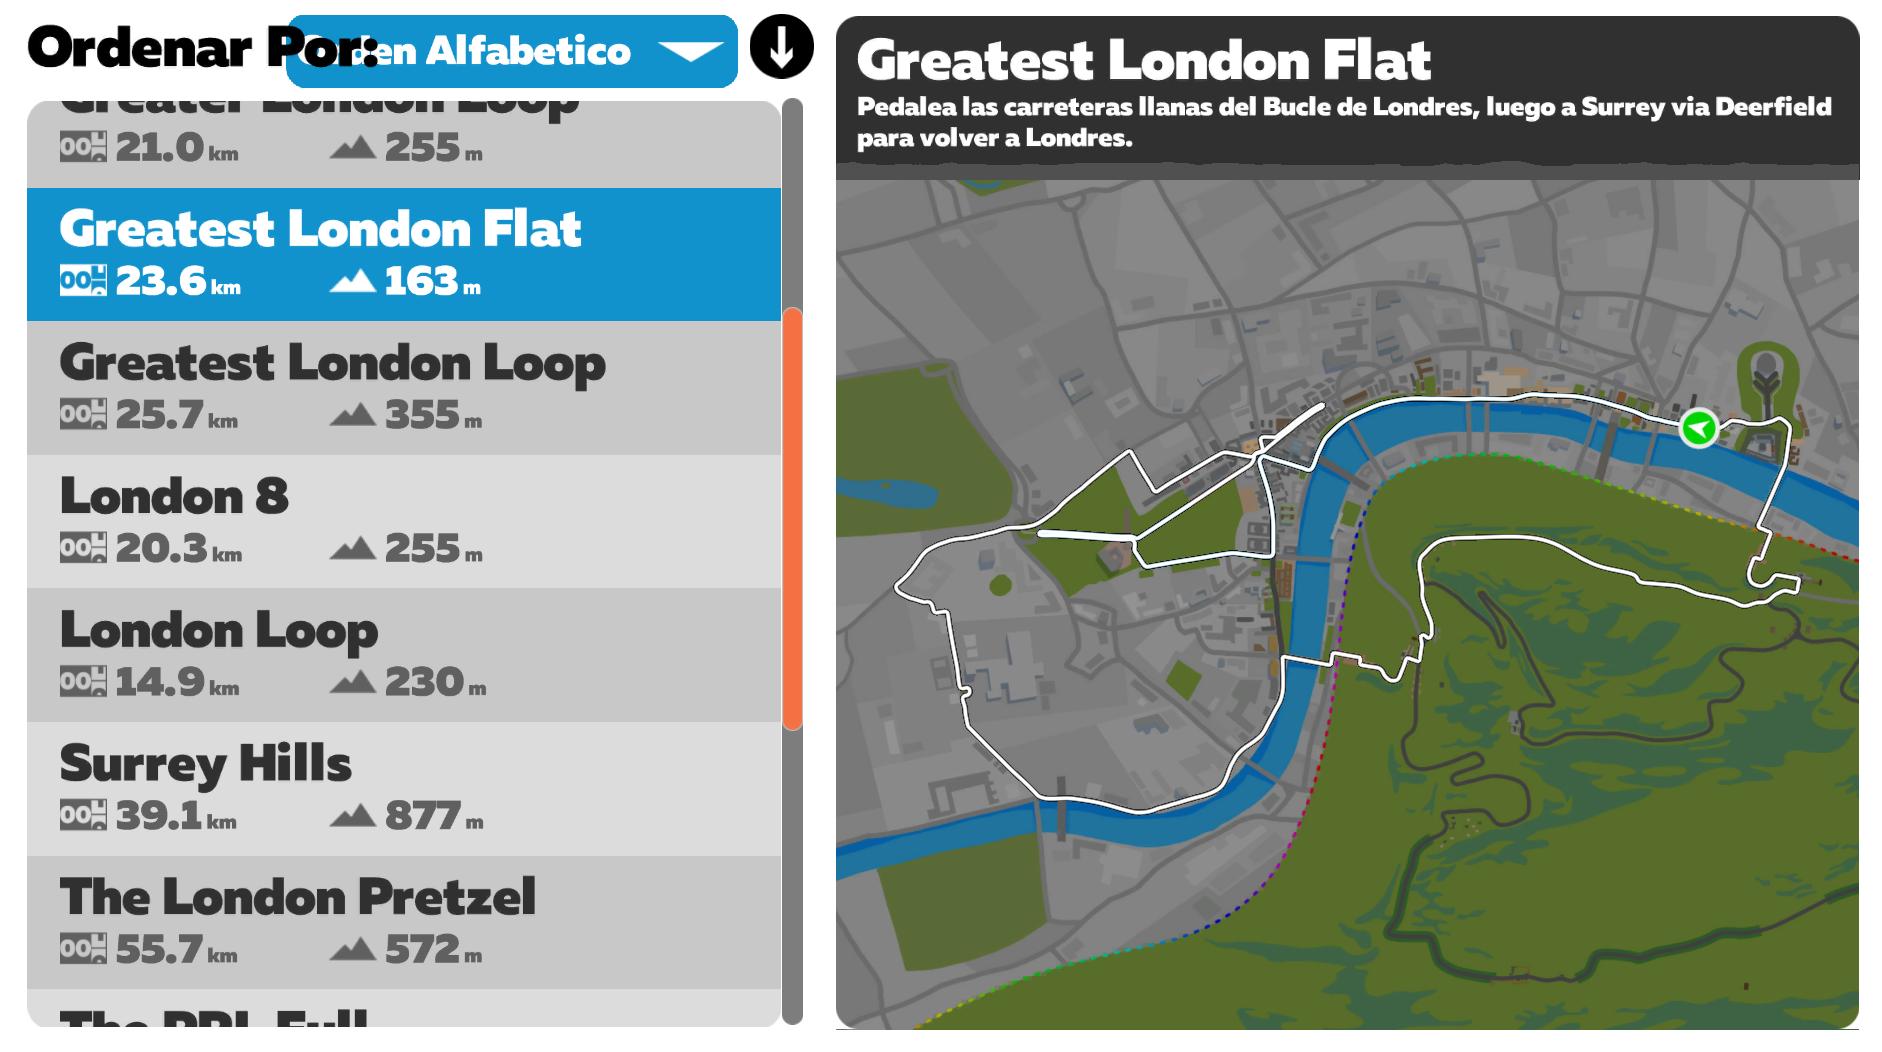 Rutas Zwift Greatest London Flat